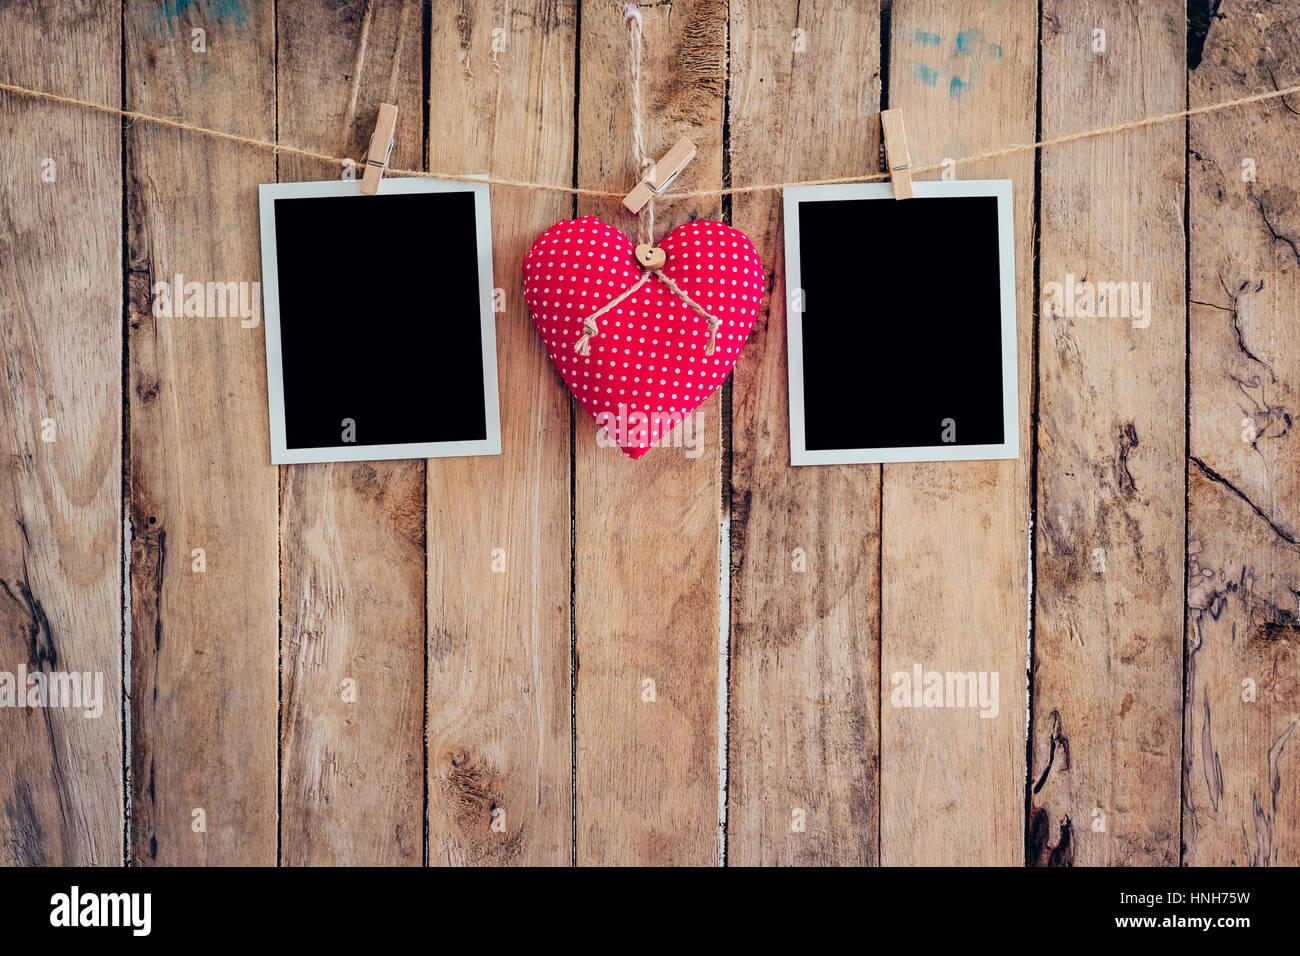 Rotes Herz und zwei Bilderrahmen hängen, Wäscheleine Seil mit ...